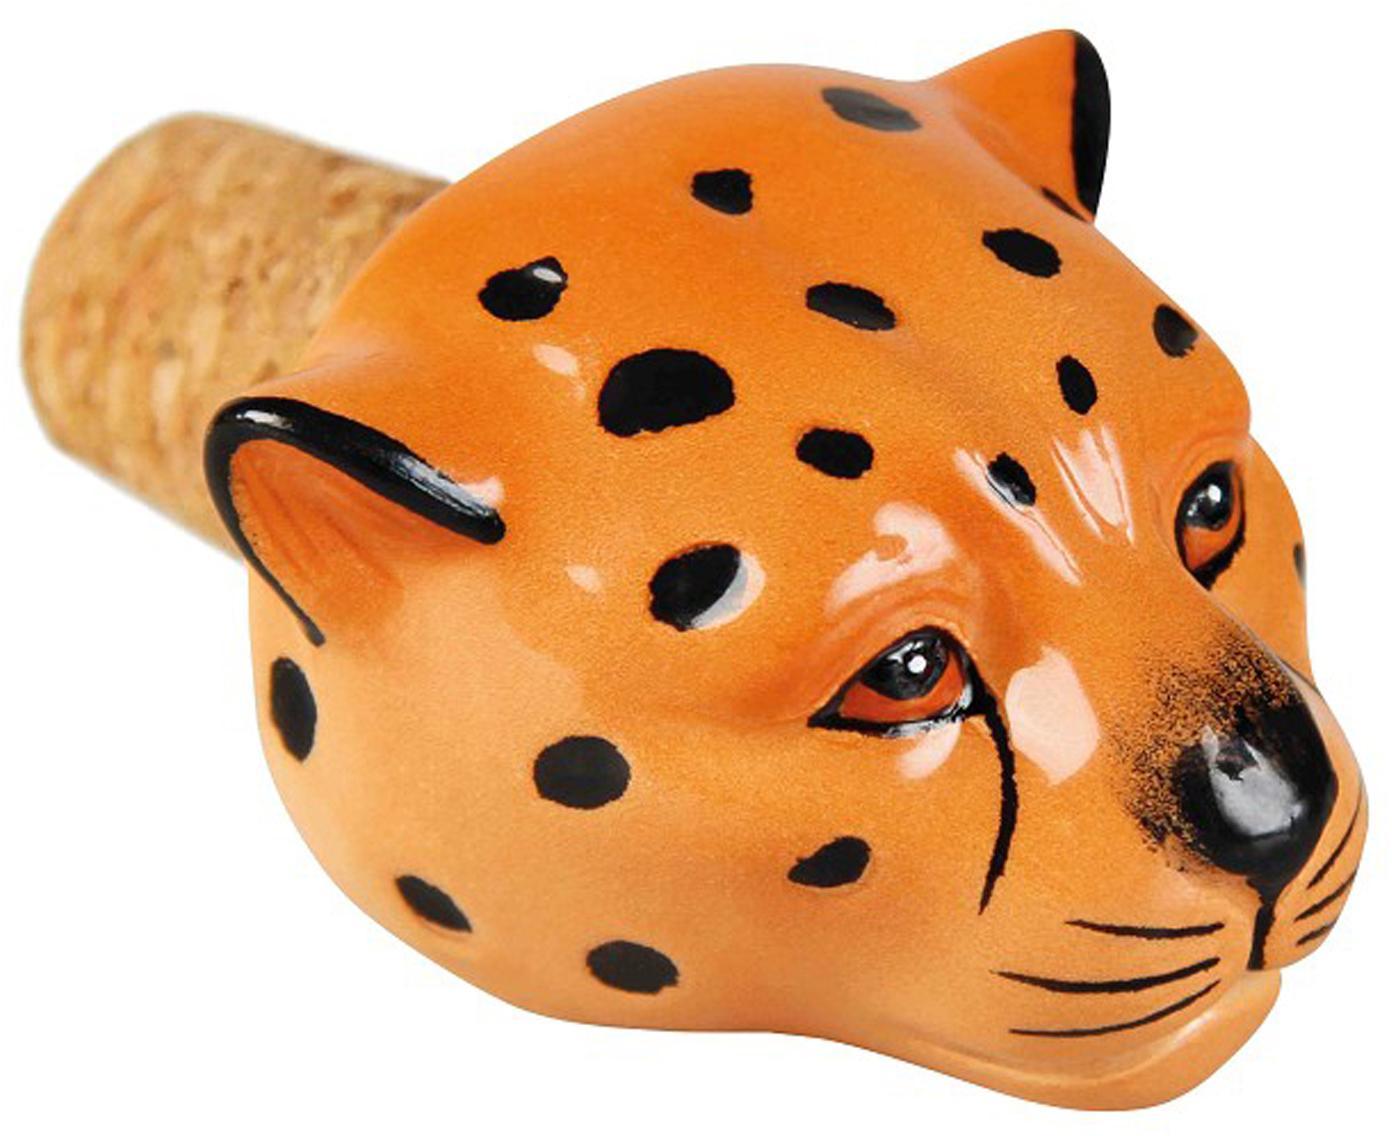 Flaschenverschluss Leopard, Keramik, Kork, Orange, Schwarz, 5 x 5 cm